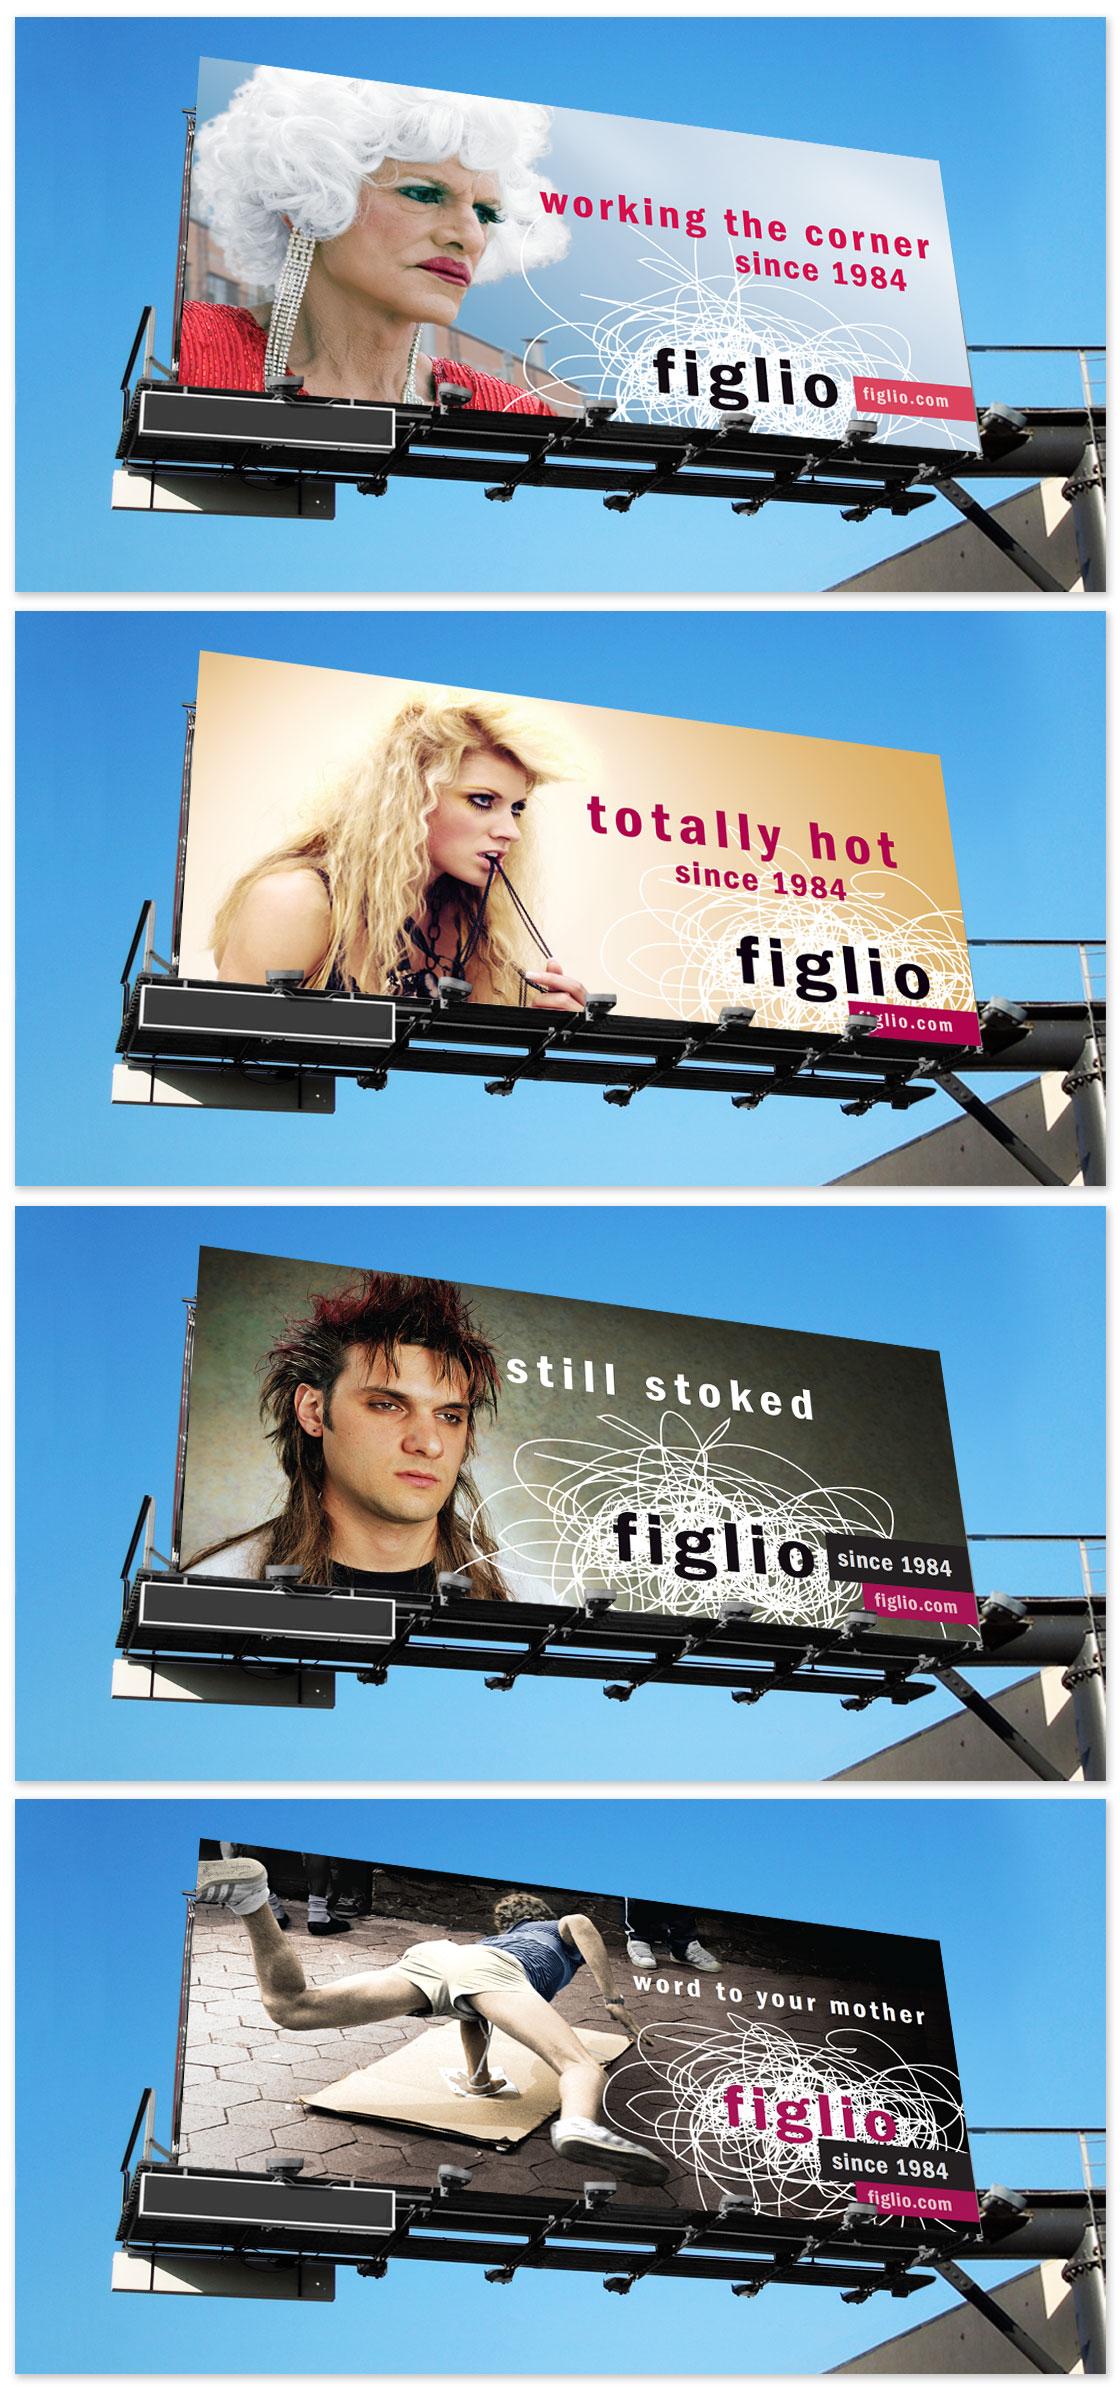 Figlio Billboards